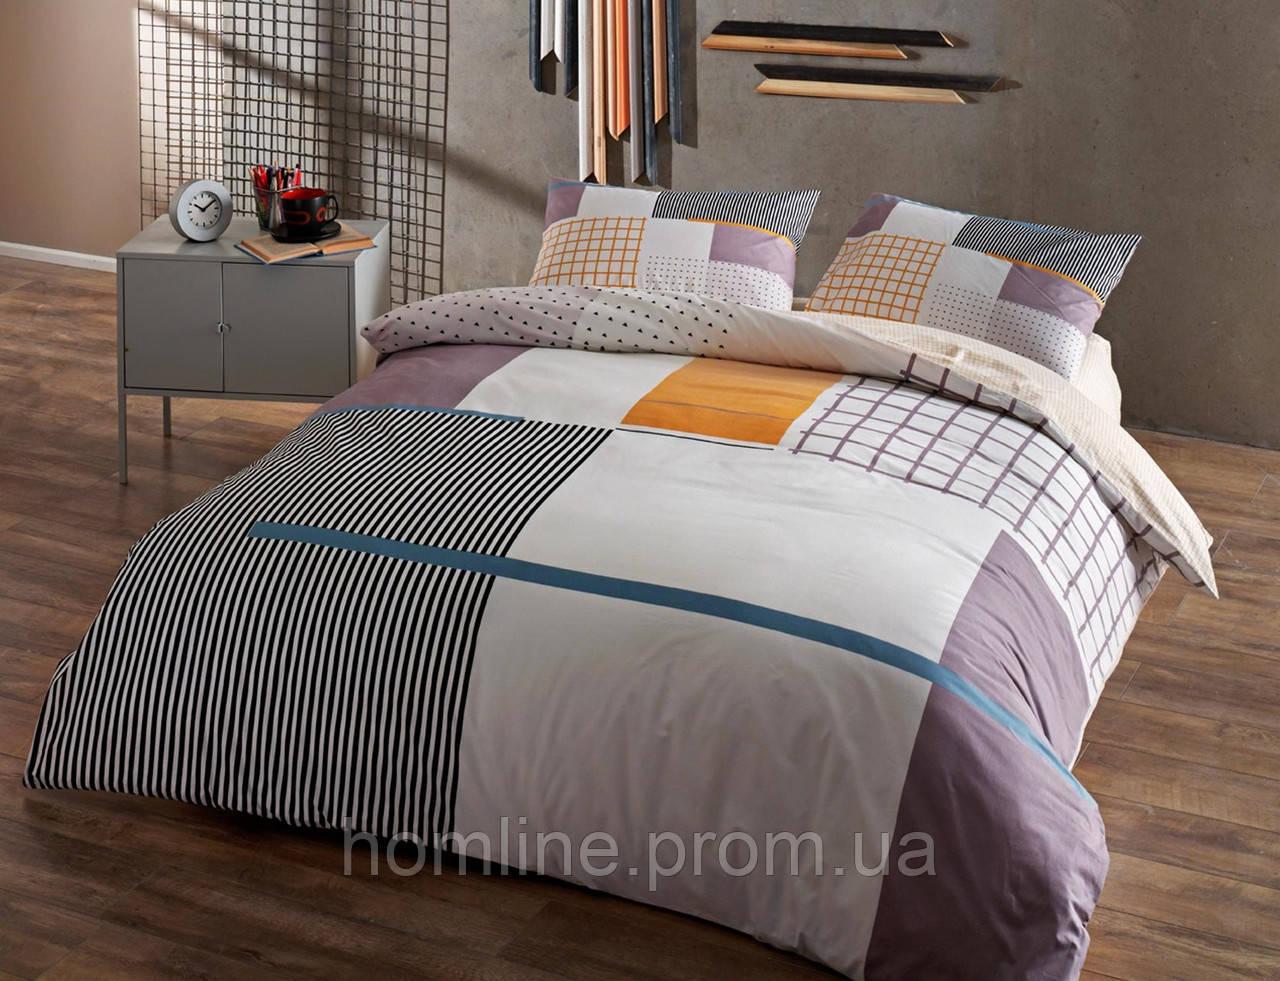 Детское постельное белье Tac Teen Ranforce Berkley gri v01 серый 160*220 полуторное подростковое